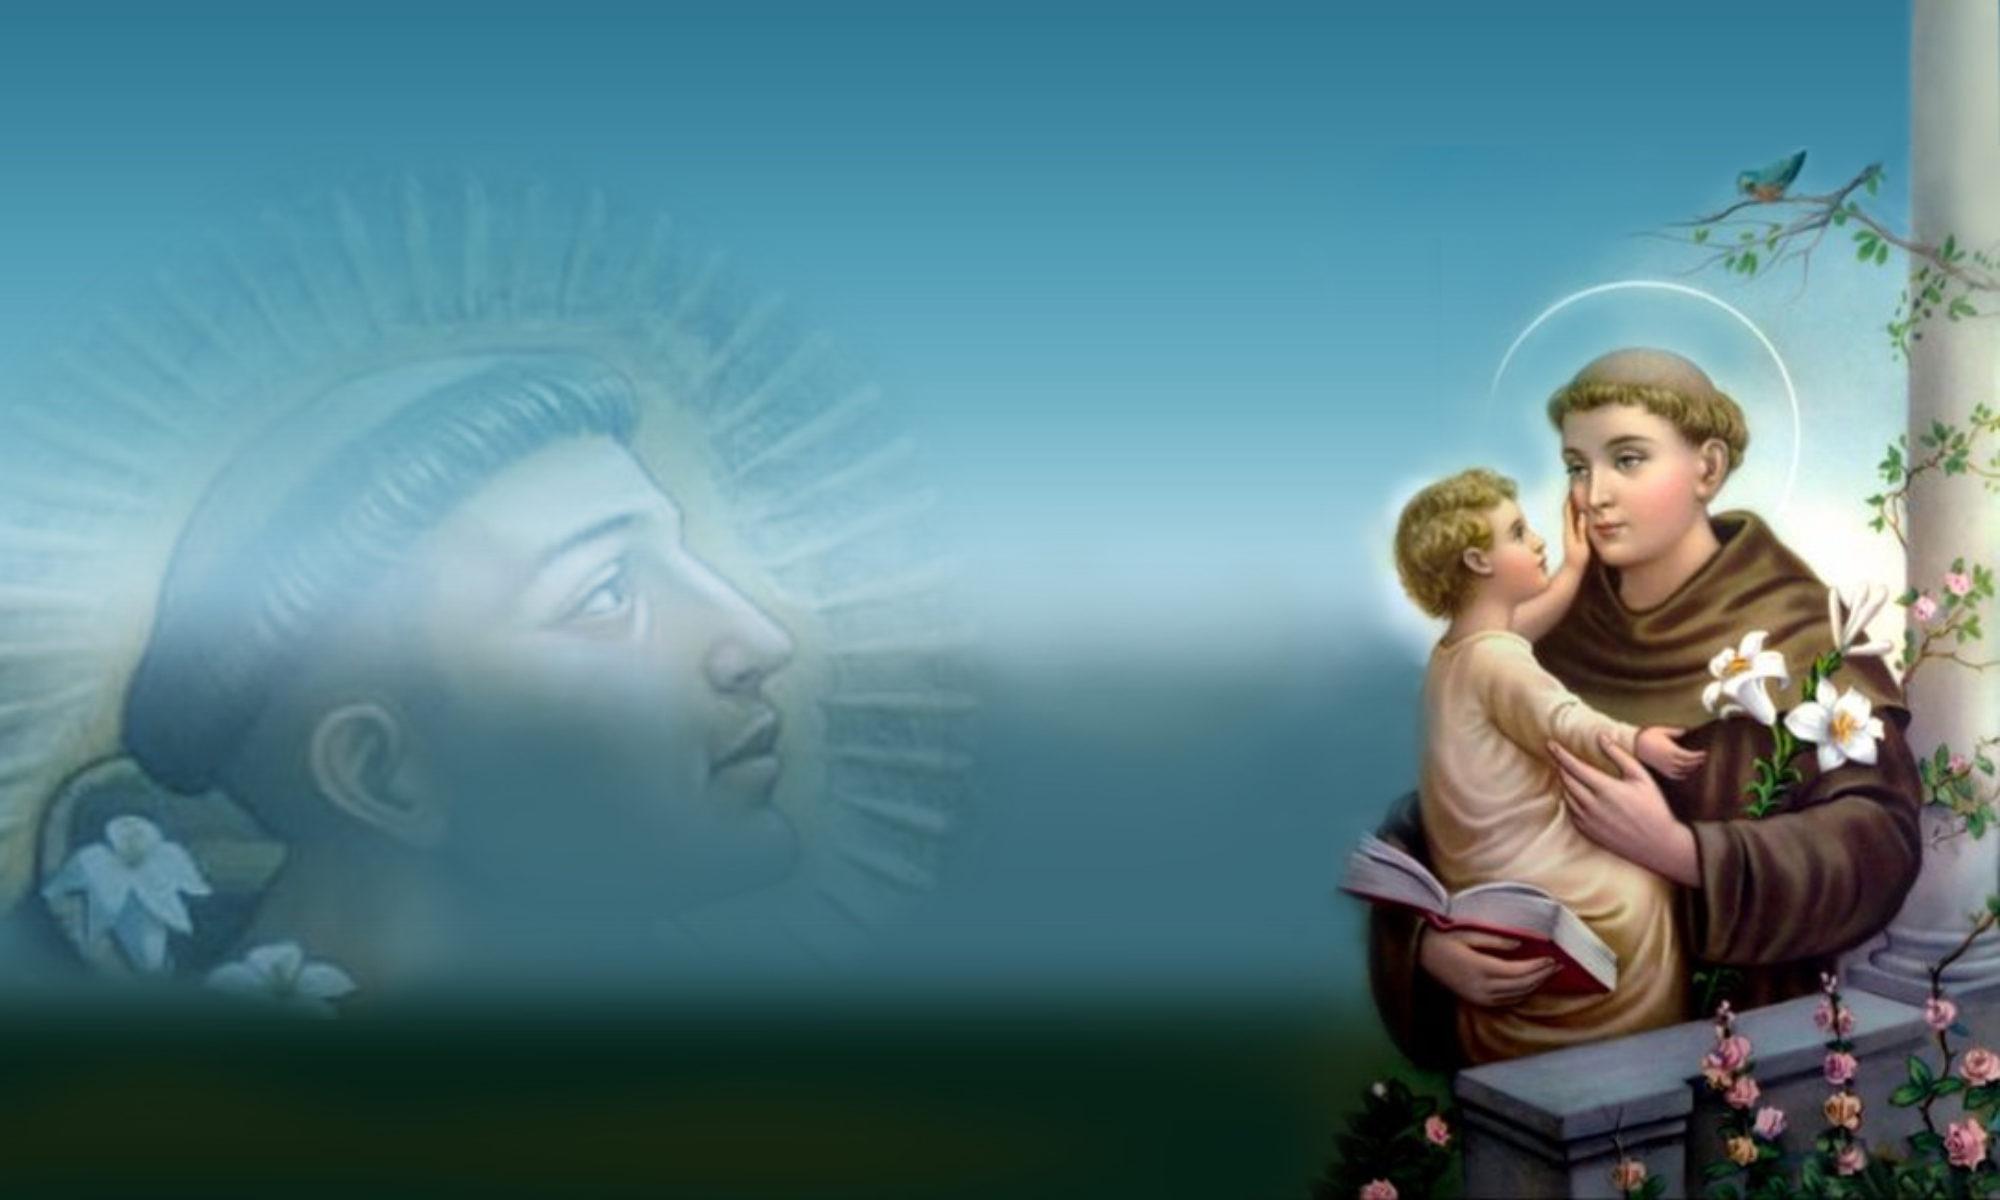 Parafia Wniebowzięcia Najświętszej Maryi Panny i Świętego Antoniego Padewskiego w Milejowie